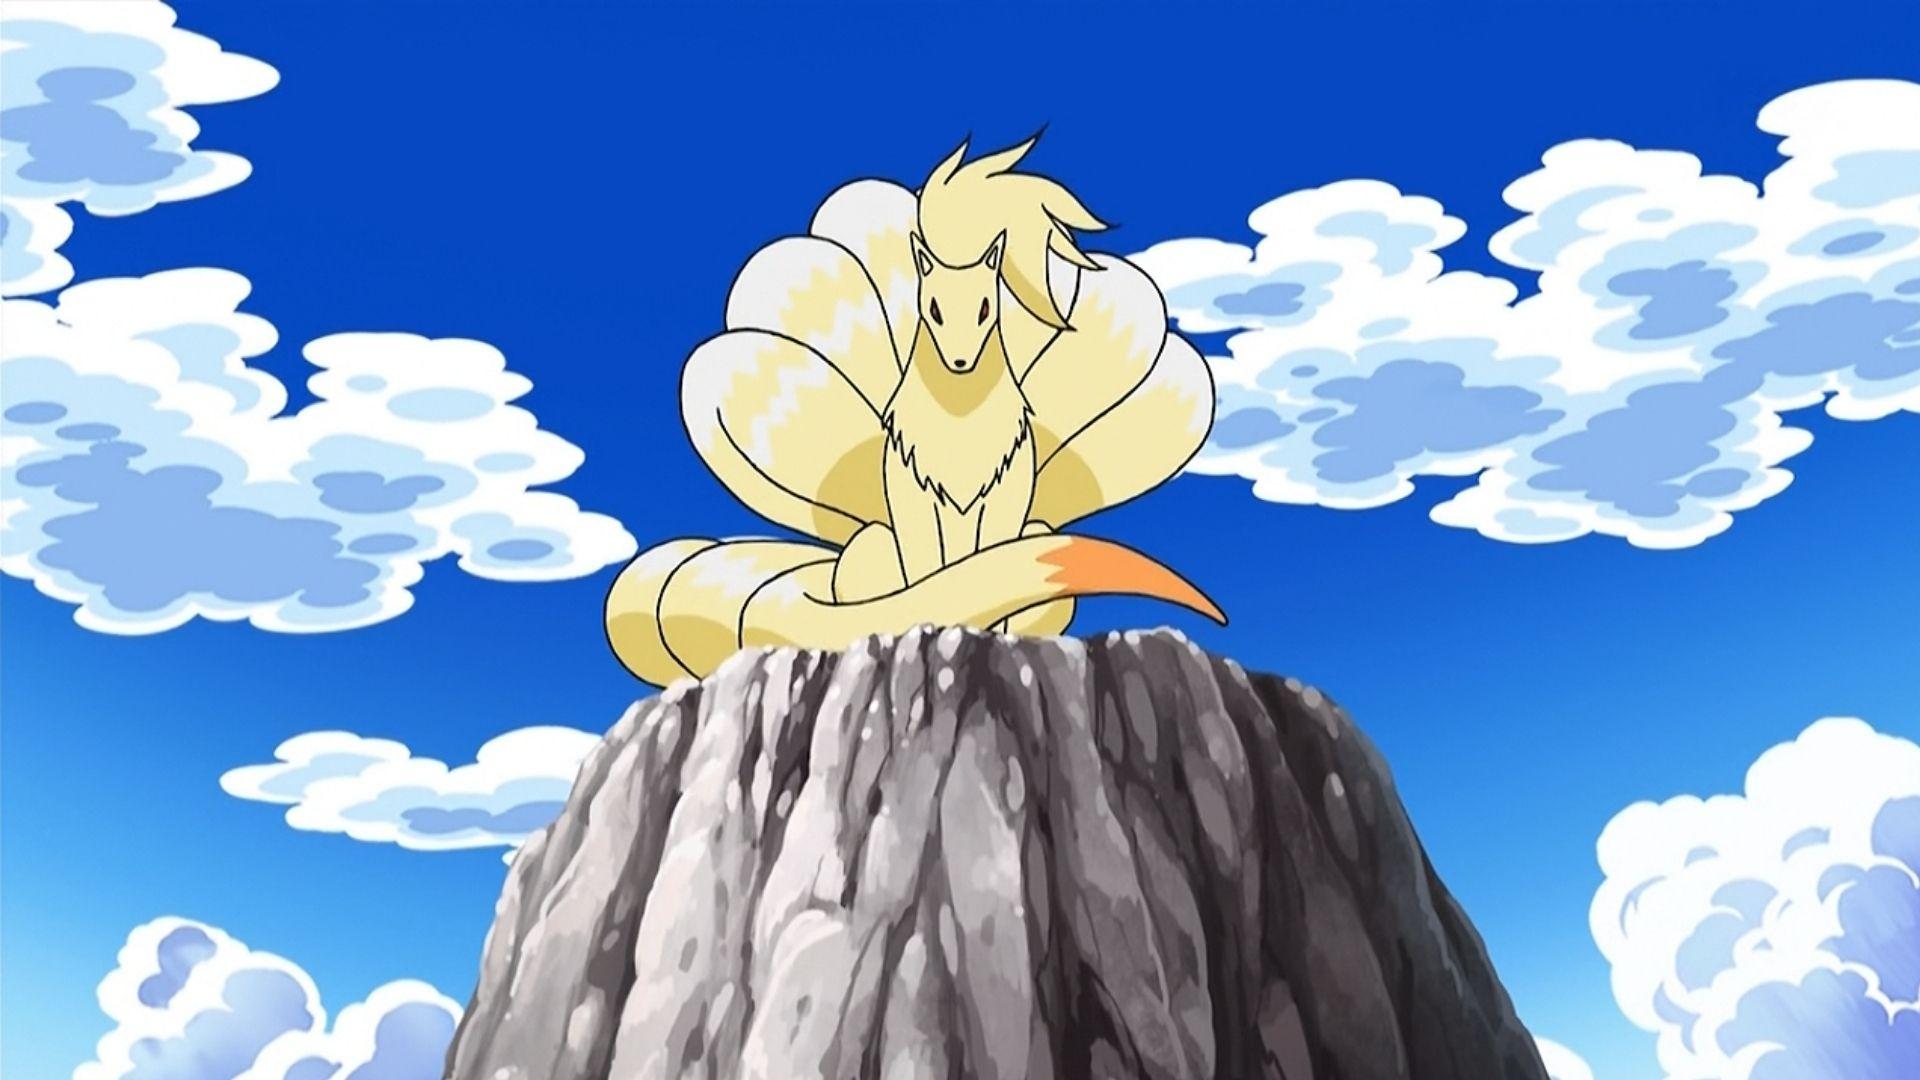 Ninetales Pokemon